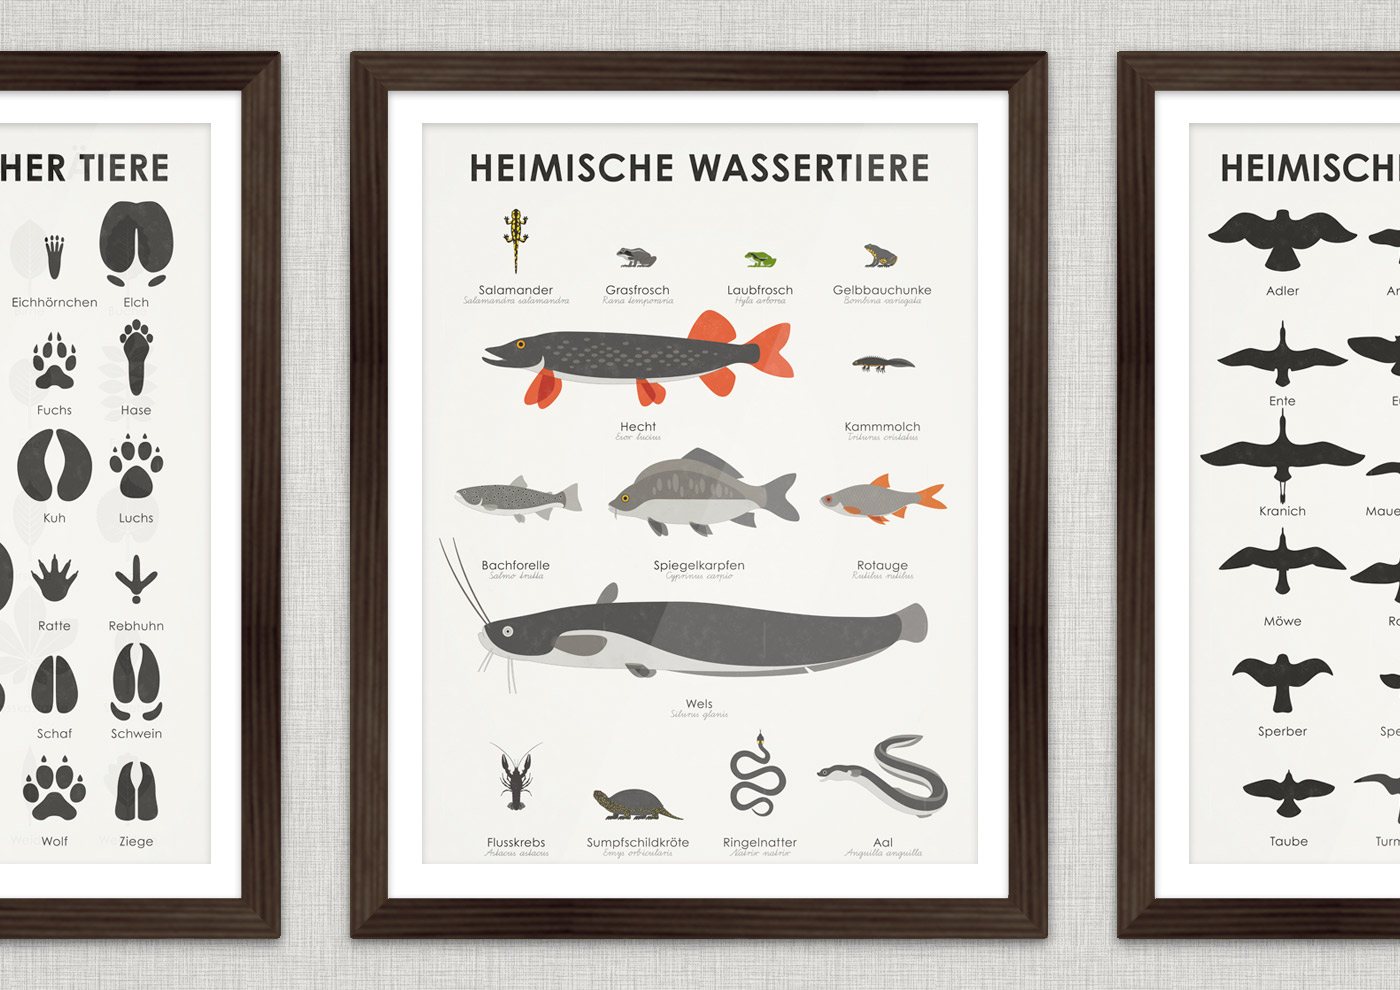 Lernposter, Schautafel oder Infografik zum Bestimmen der Form, Zeichnung und Habitus verschiedener im und am Wasser lebender heimischer Tiere, Fische, Amphibien und Reptilien wie Bachforelle, Spiegelkarpfen, Aal, Rotauge, Wels, Hecht, Flusskrebs, Sumpfschildkröte, Ringelnatter, Salamander, Kammmolch, Grasfrosch, Laubfrosch und Gelbbauchunke erkennen und bestimmen lassen